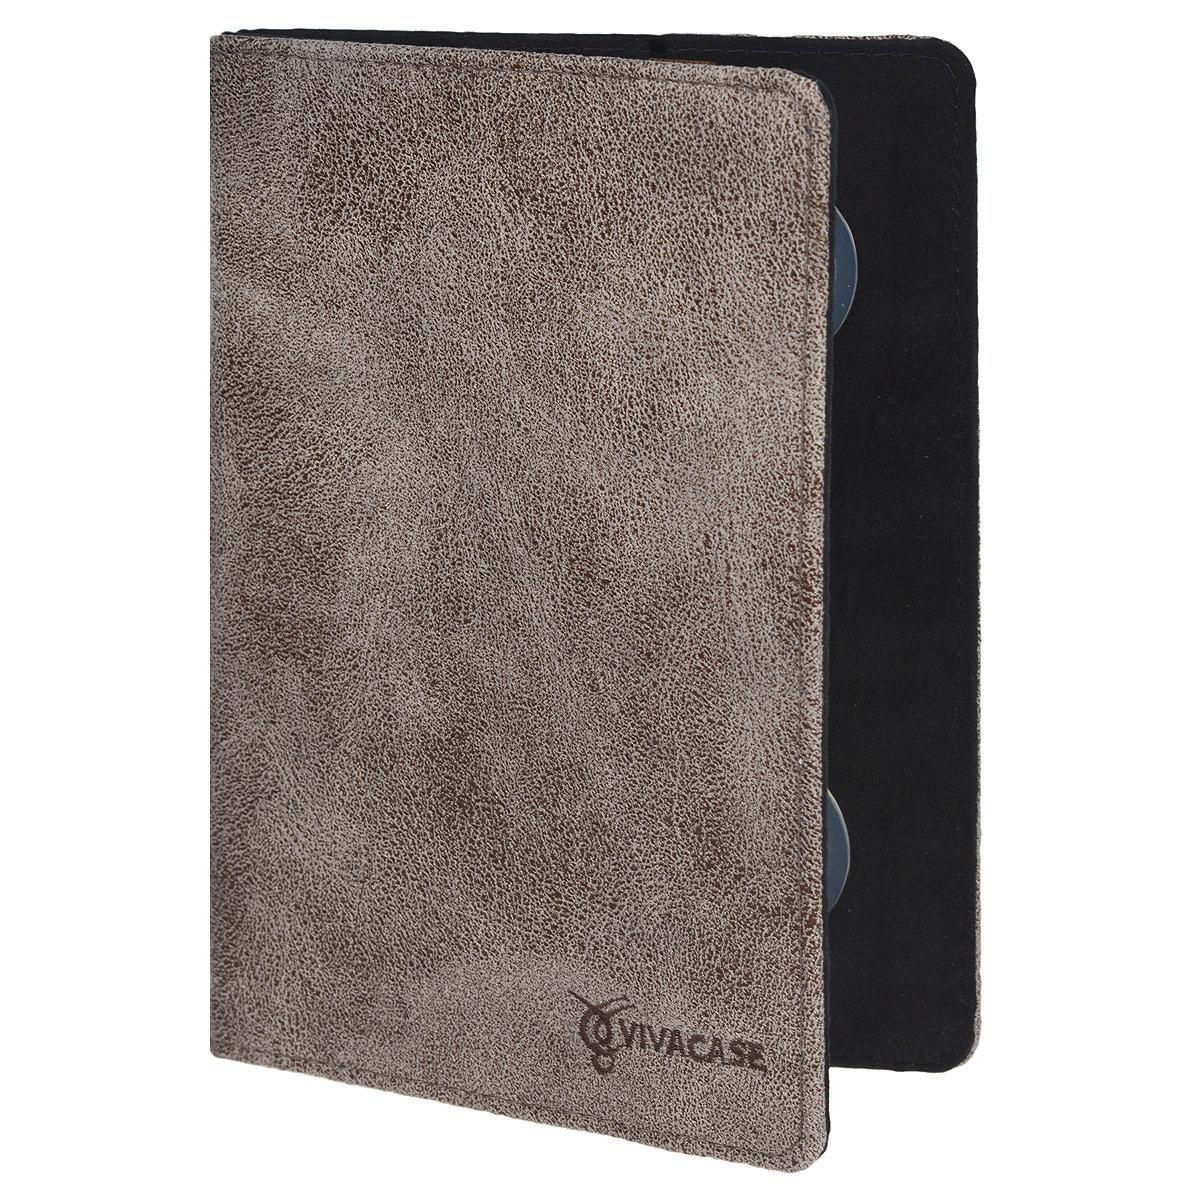 Vivacase Dandy чехол для планшетов 7, Brown (VUC-CDN07)VUC-CDN07-brЧехол Viva Dandy предназначен для защиты электронных устройств диагональю 7 от механических повреждений и влаги. Крепление PVS позволяет надежно зафиксировать устройство.